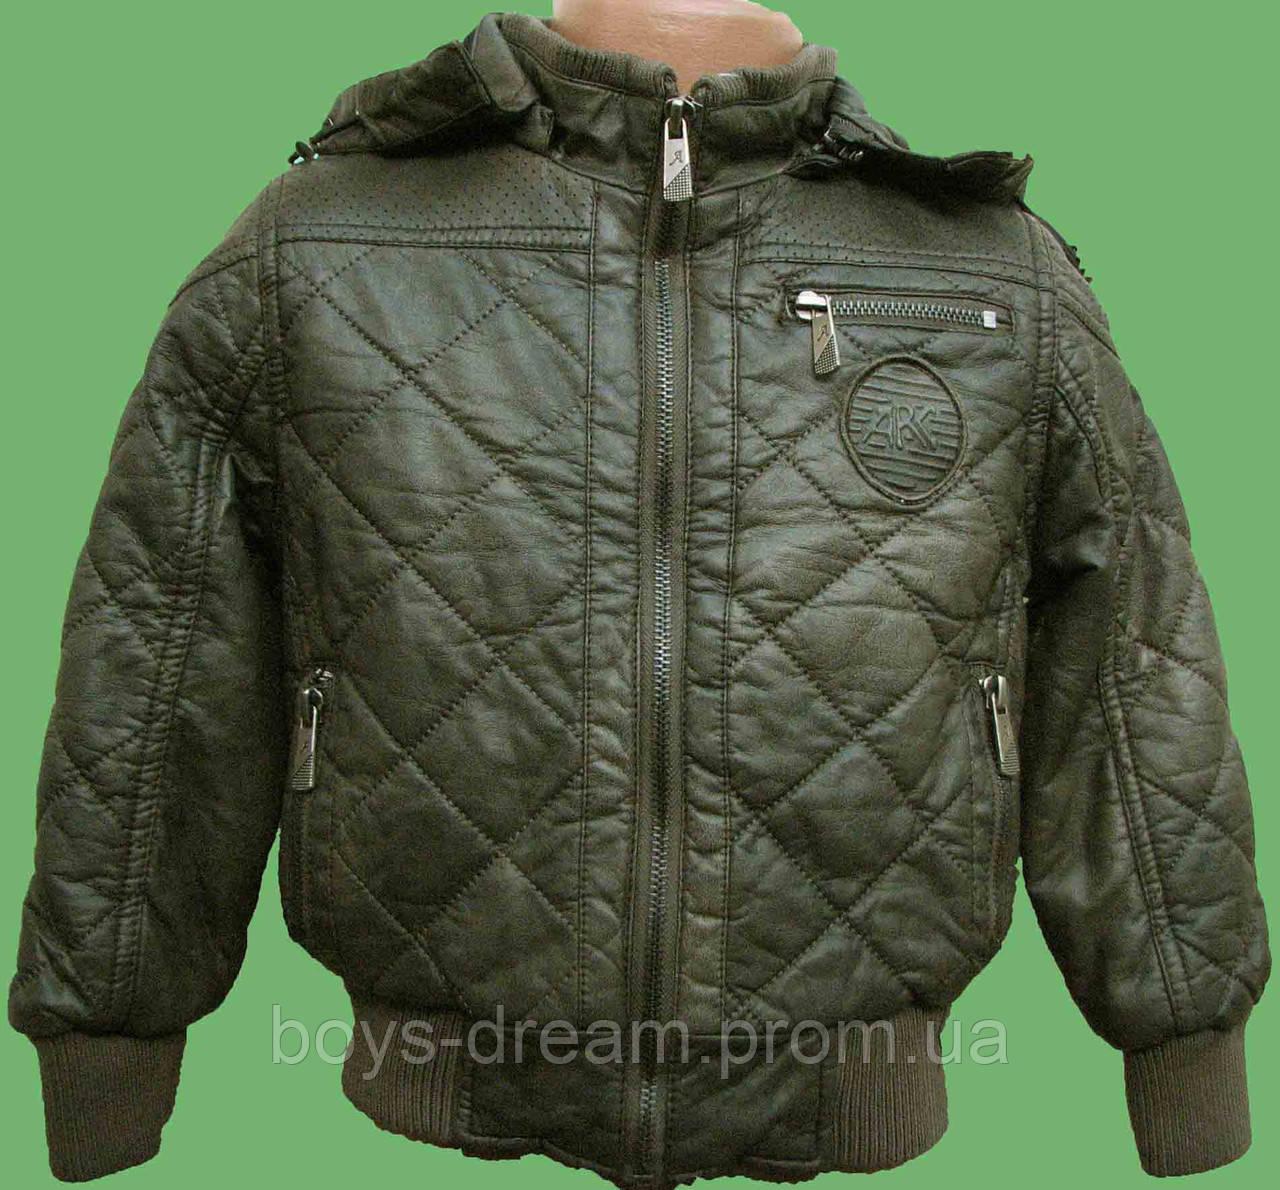 Куртка демисезонная для мальчика 2 года, 92 (Турция)